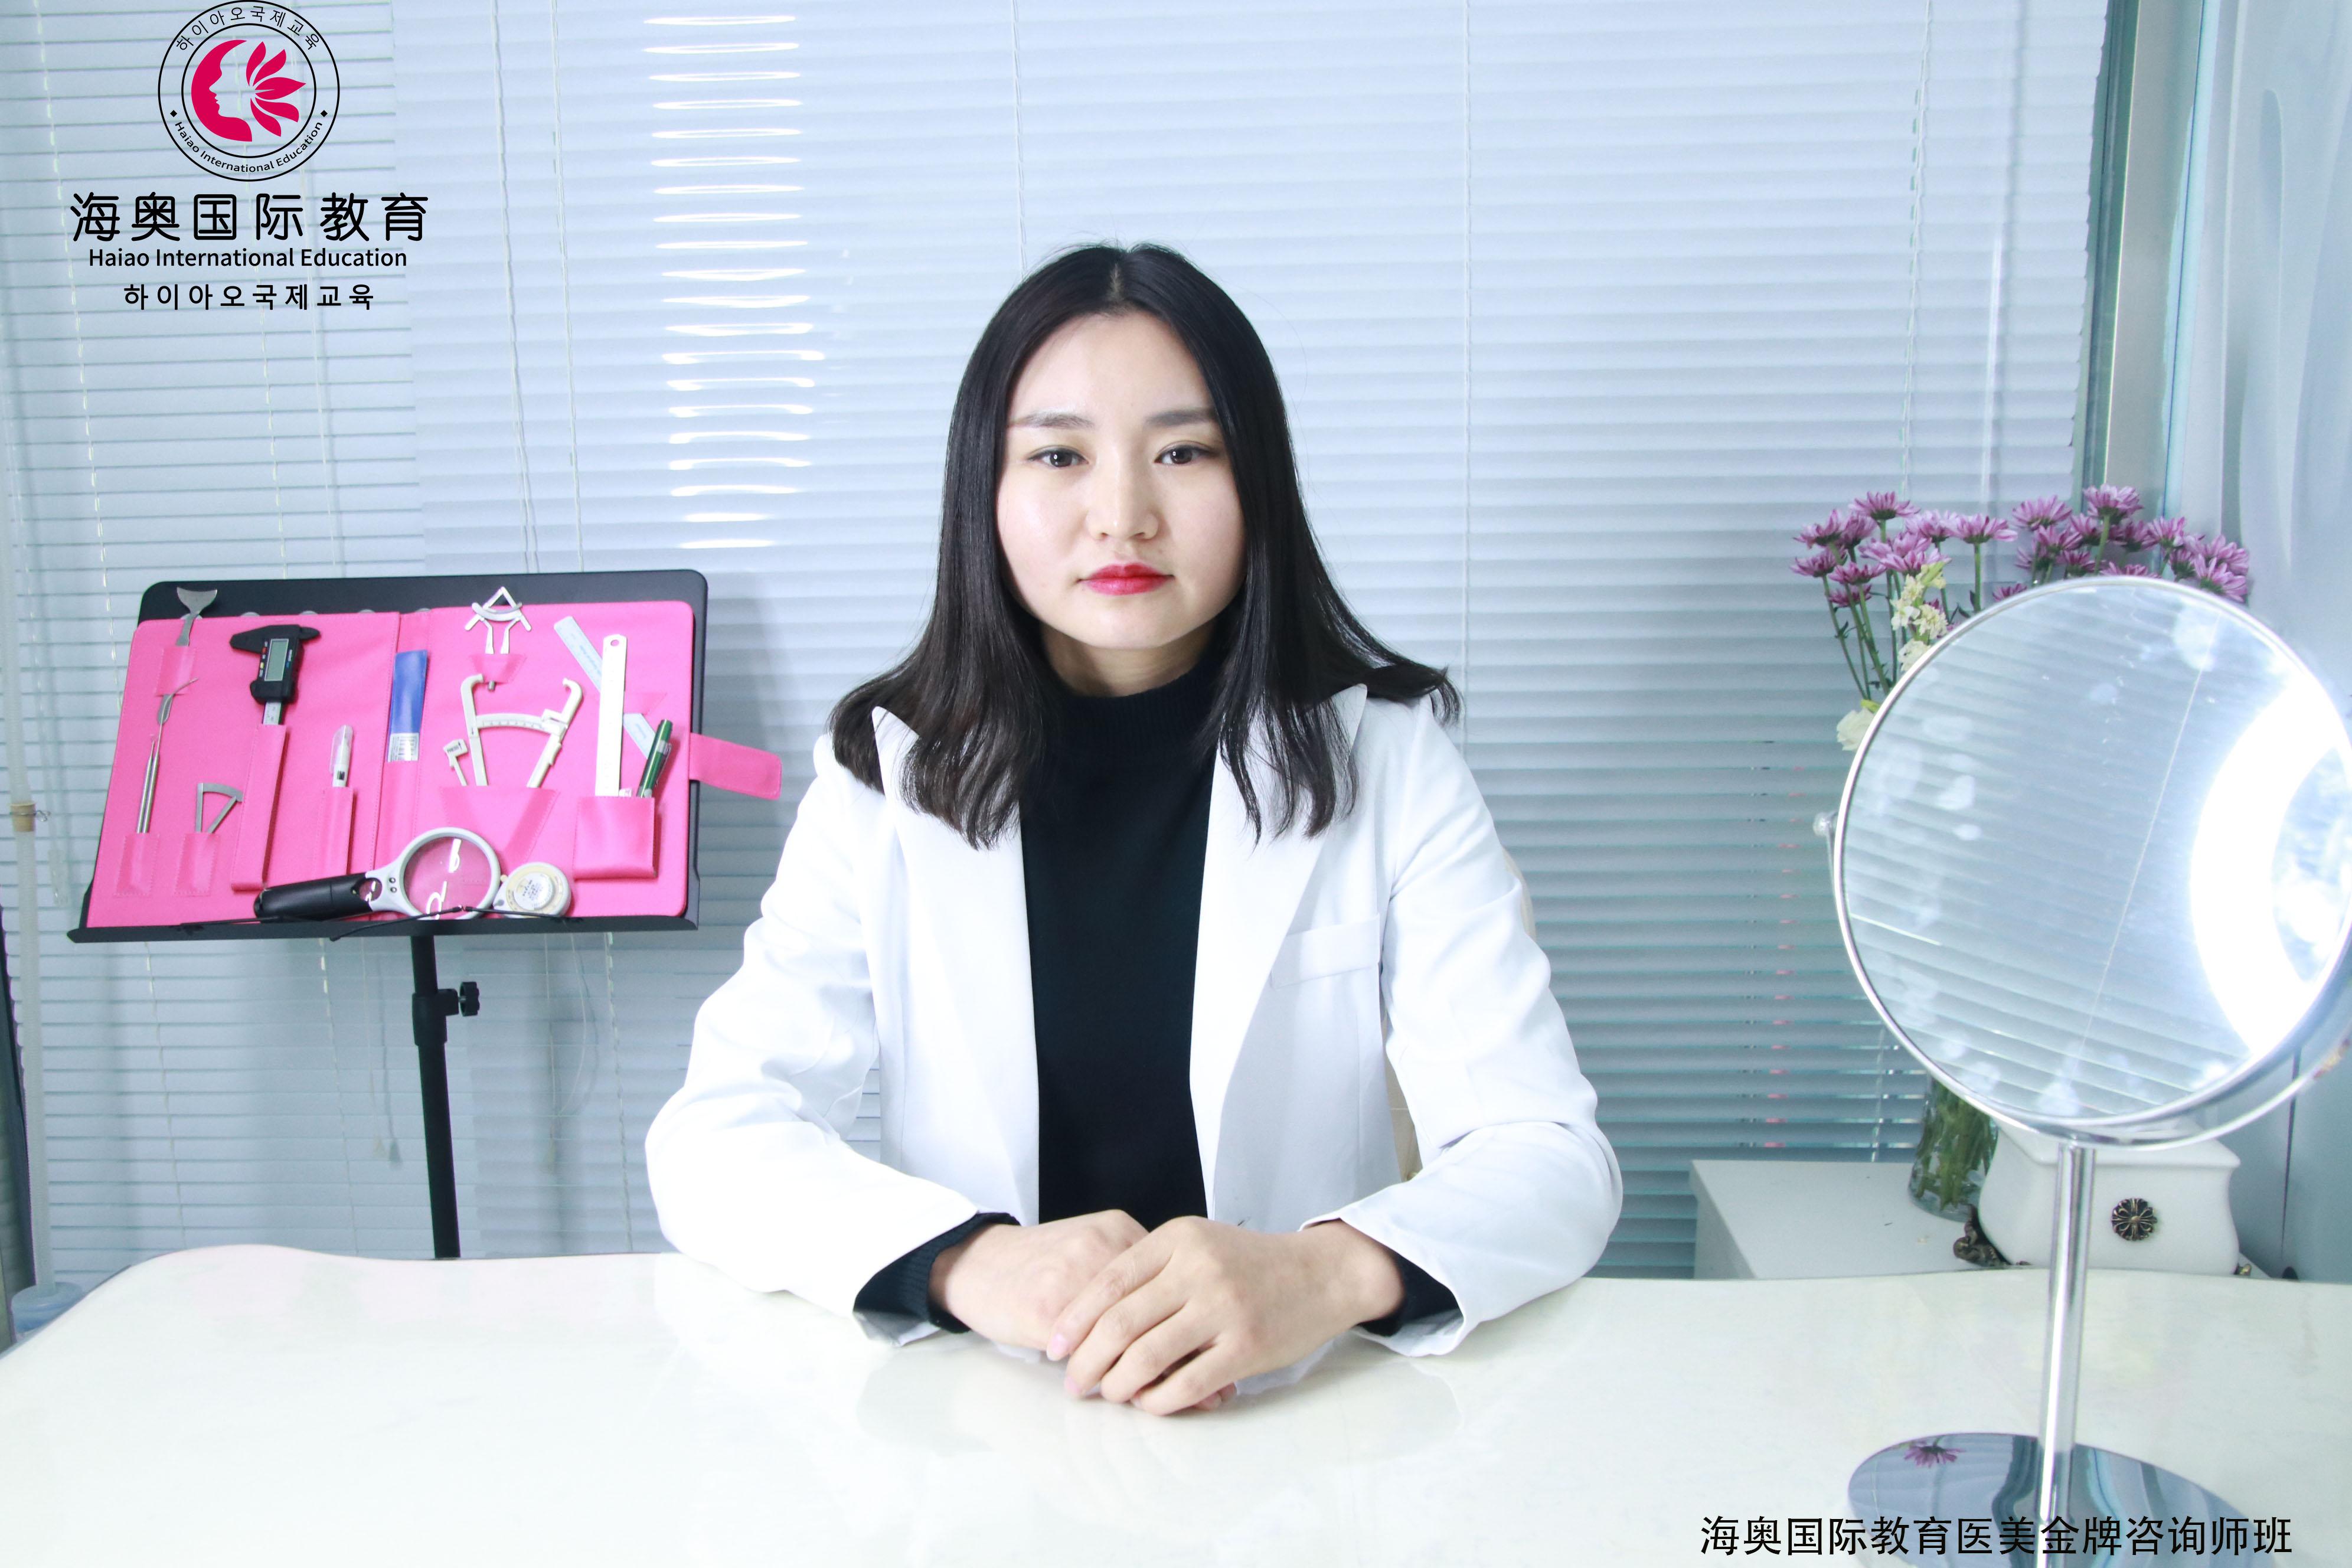 天津整形咨询师培训开始招生了,天津医学美容咨询师正版新葡新京